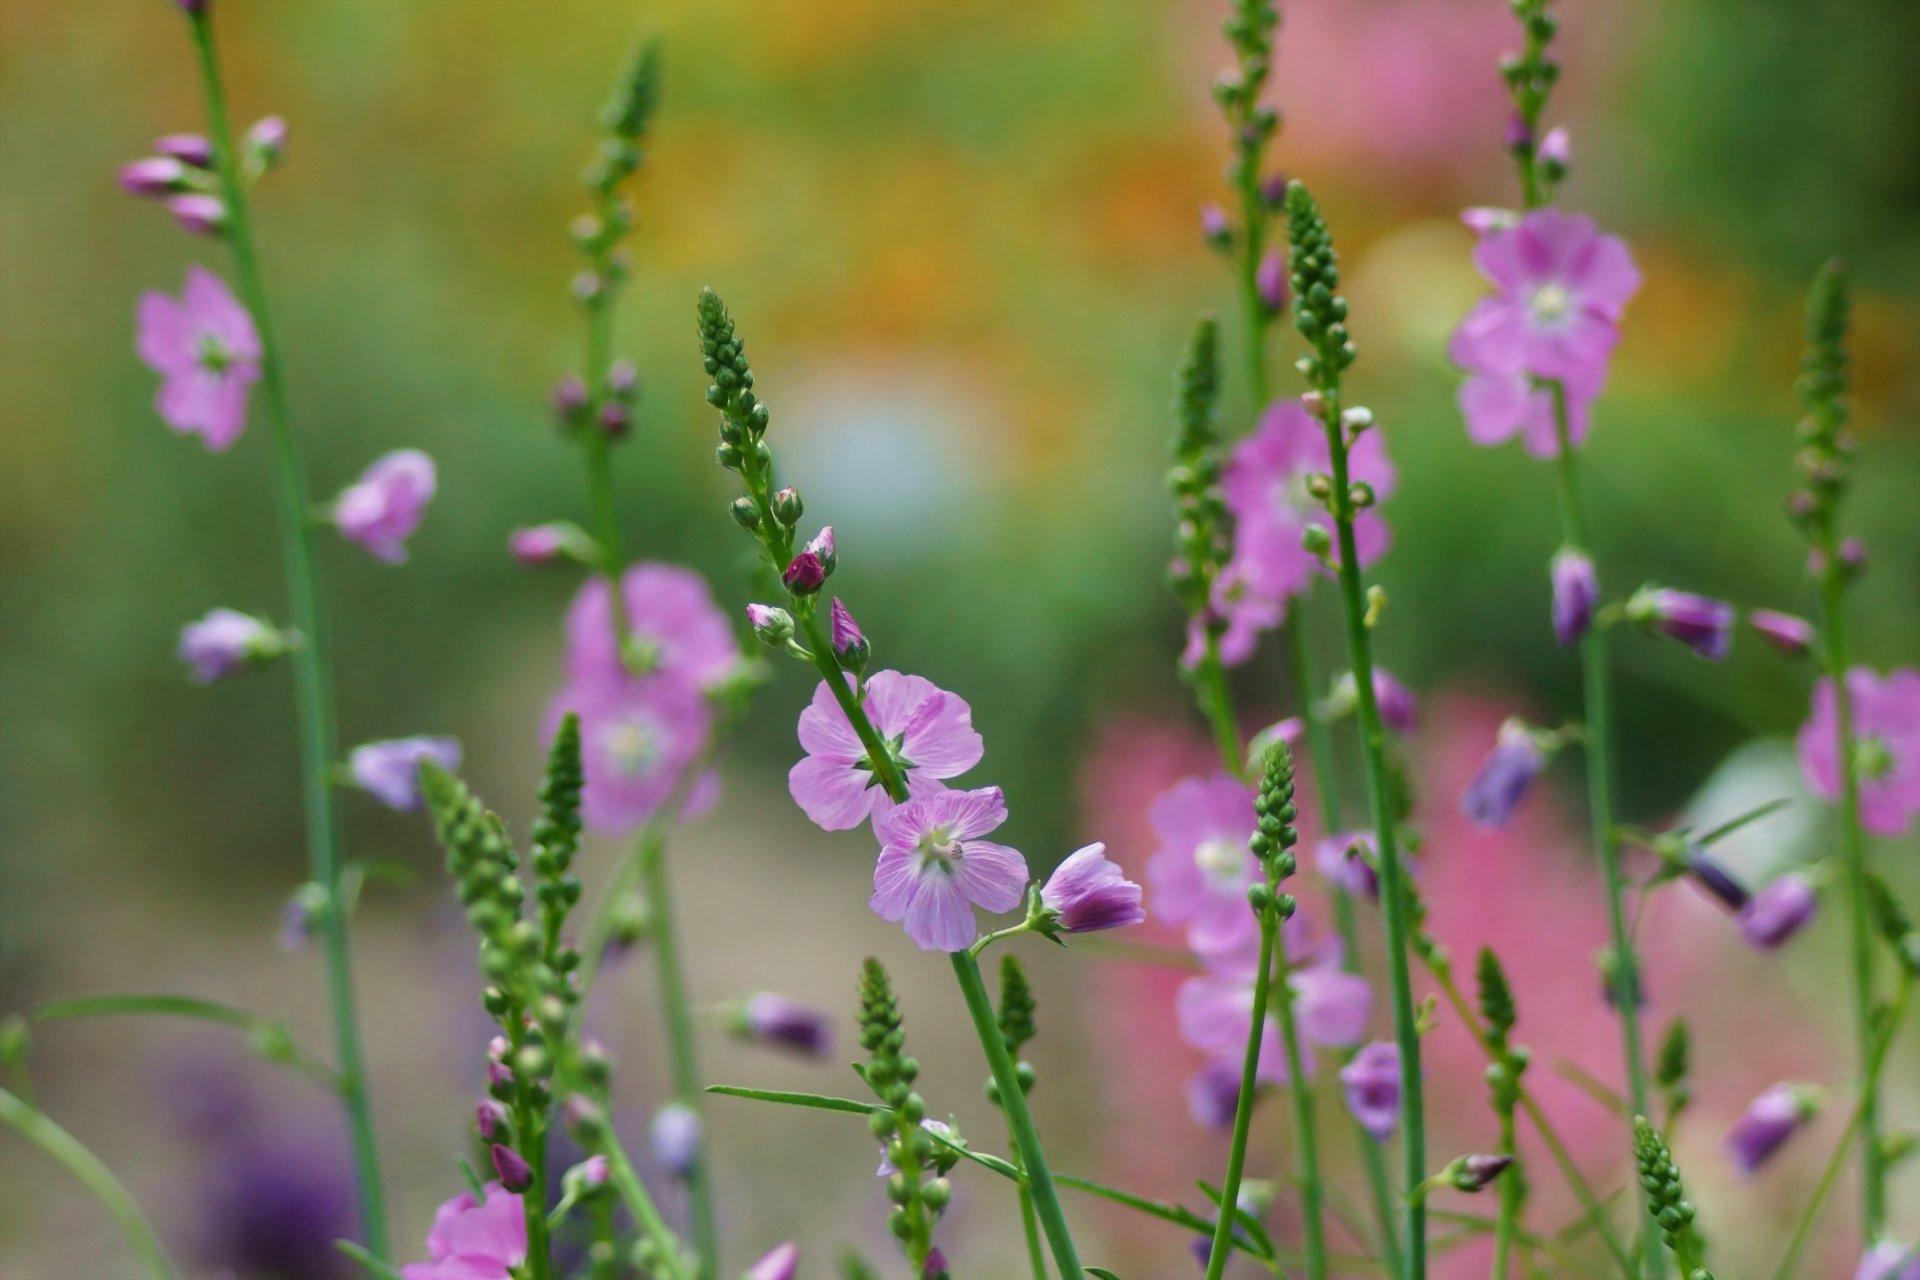 цветы полевые розовые загрузить